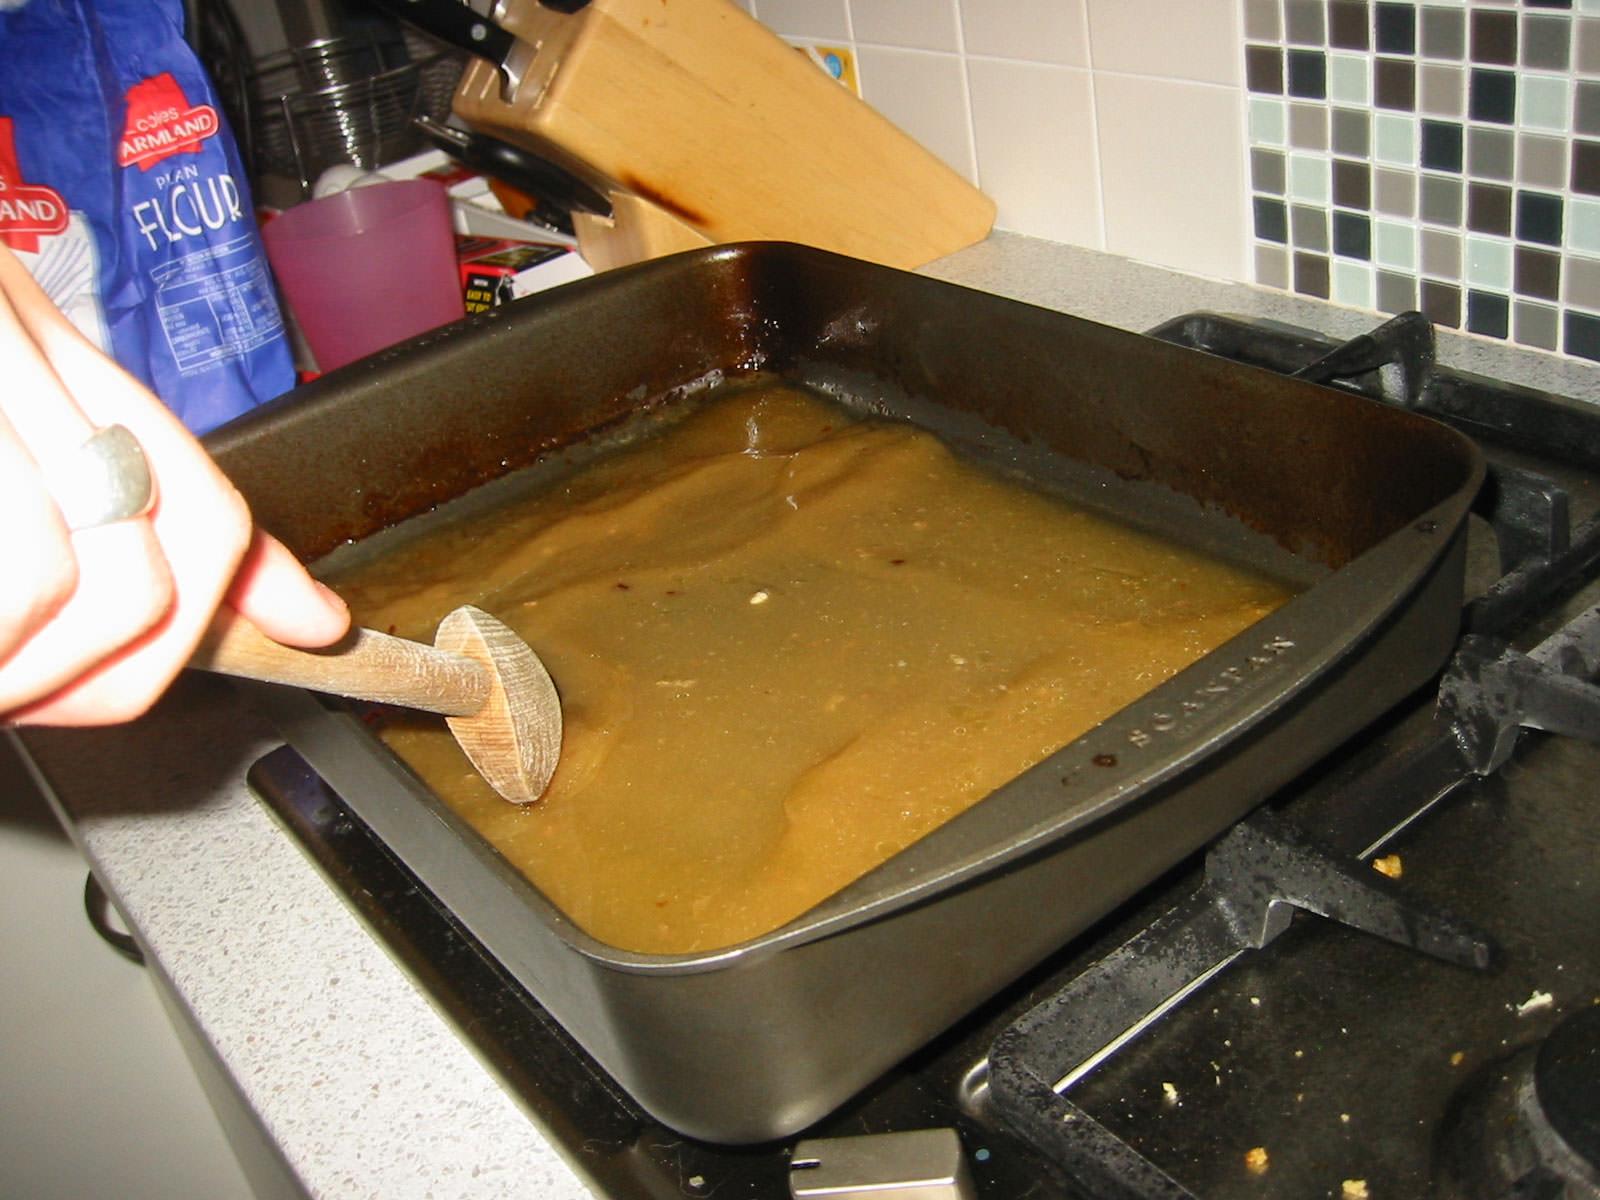 Making pan gravy